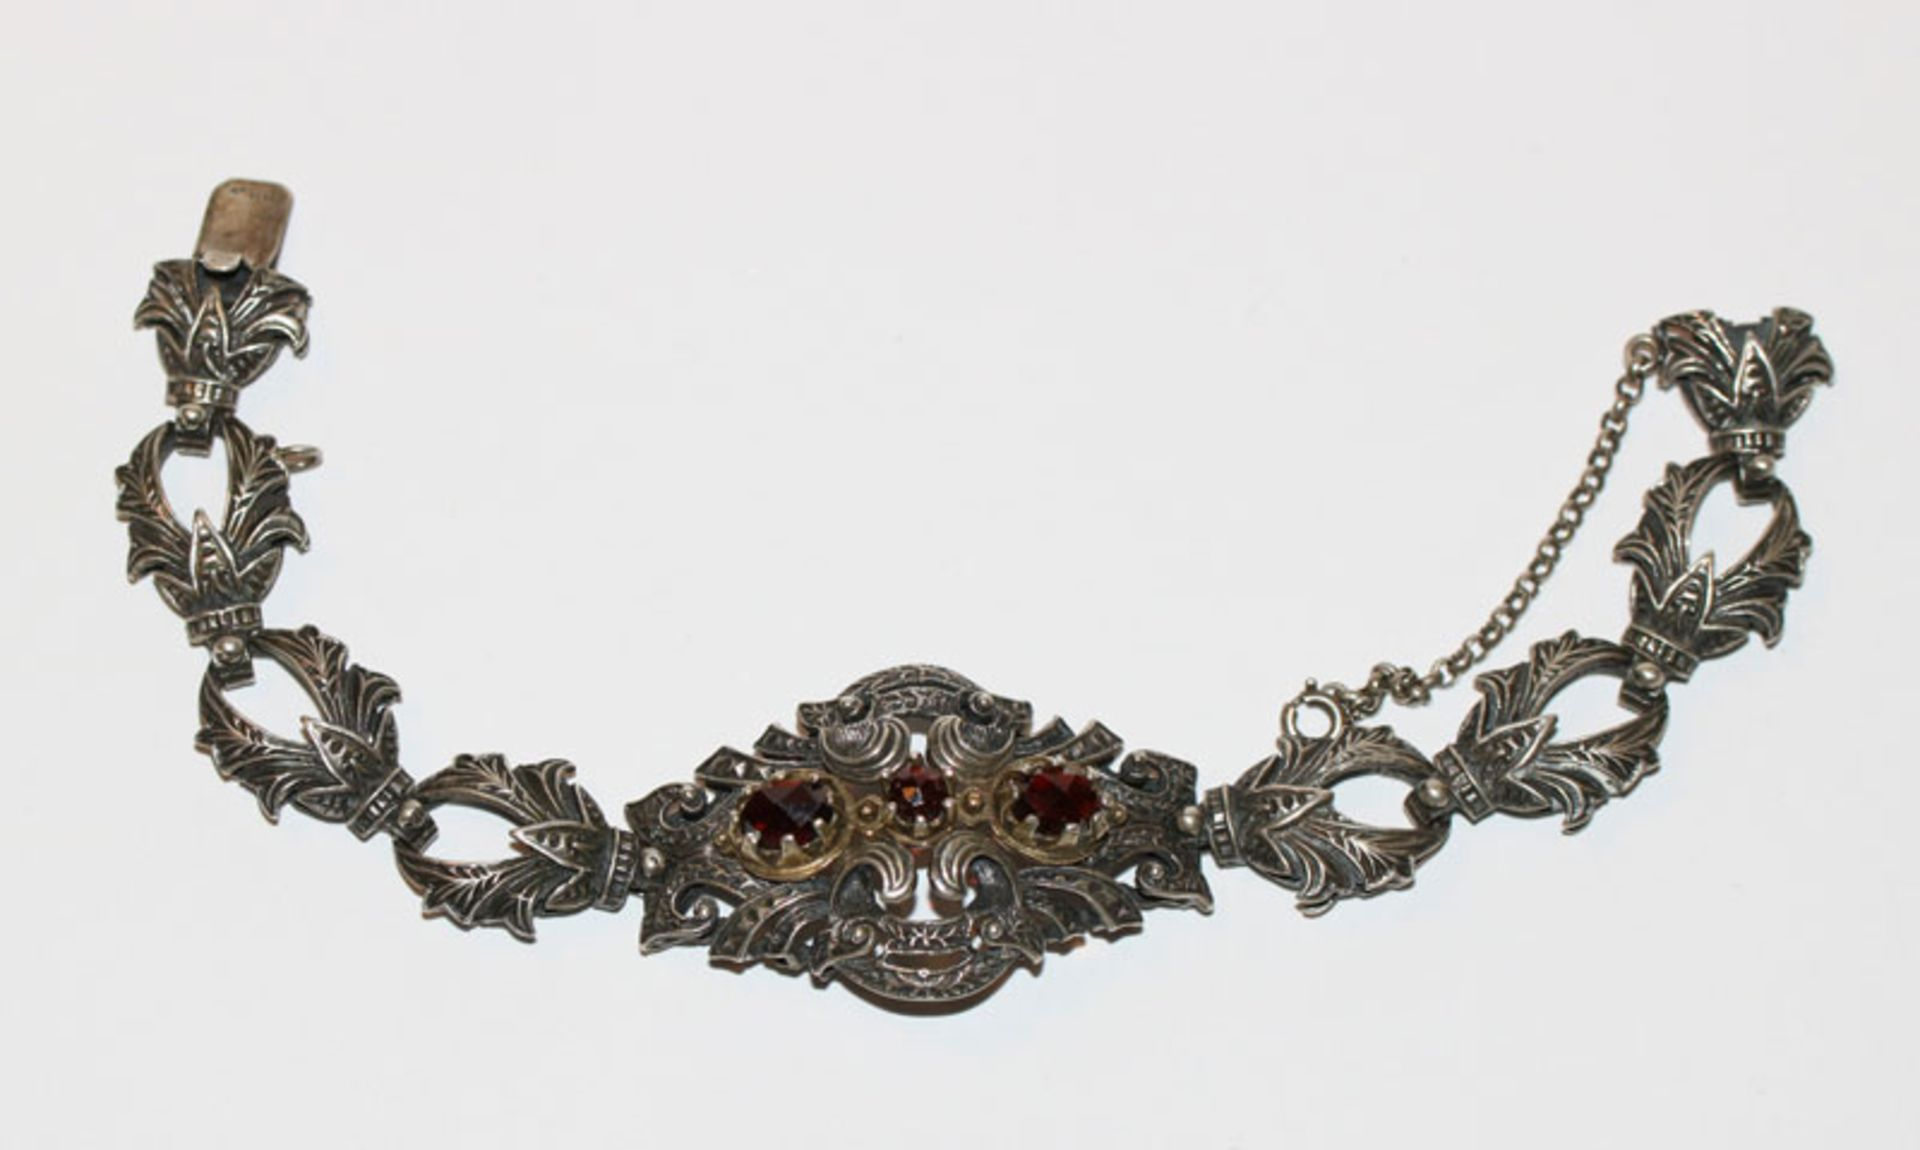 Silber Trachten-Armband mit Reliefdekor, Mittelteil mit 3 Granaten, L 17 cm